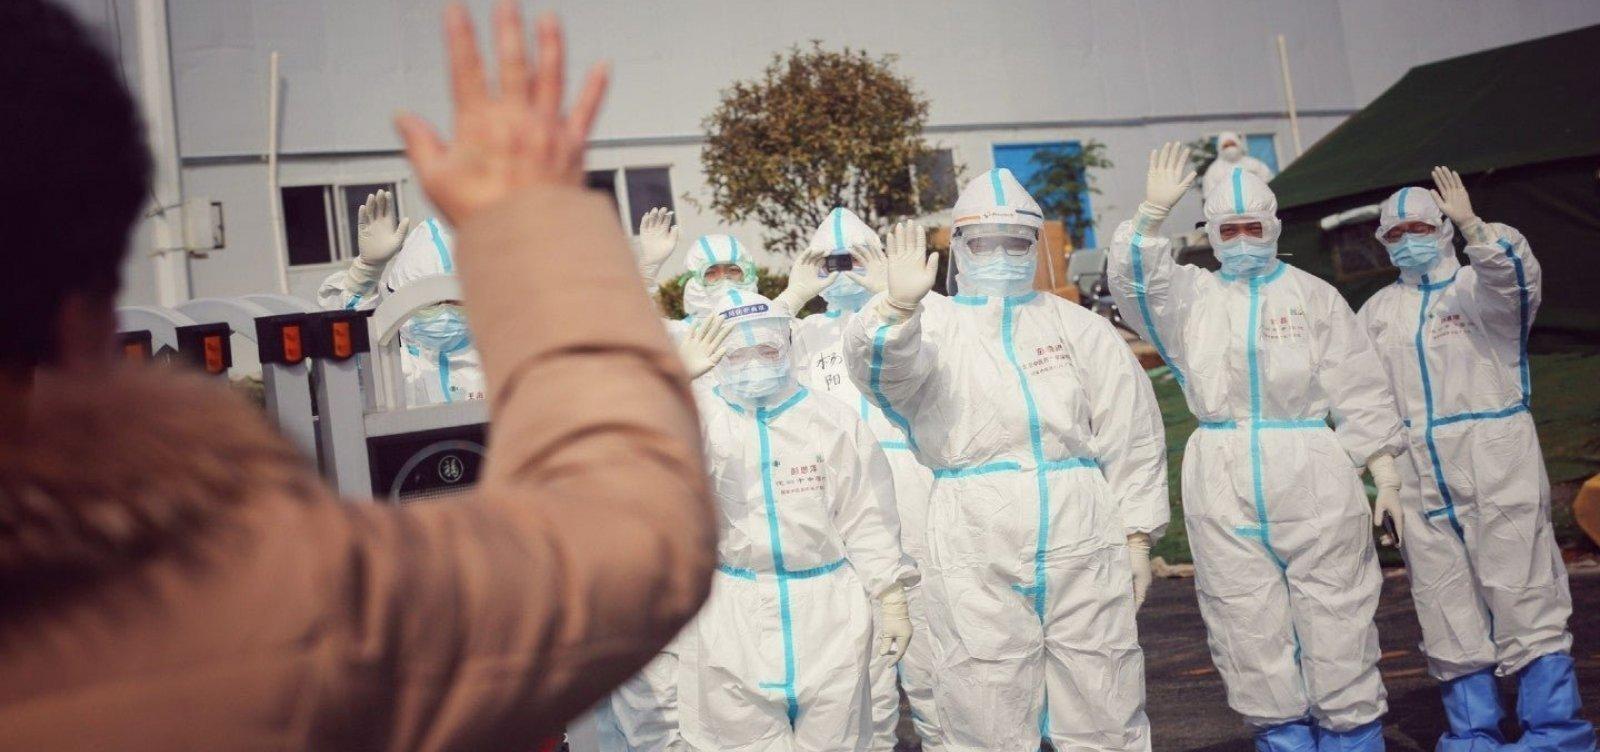 [Pela primeira vez desde março, Portugal não registra mortes por coronavírus]